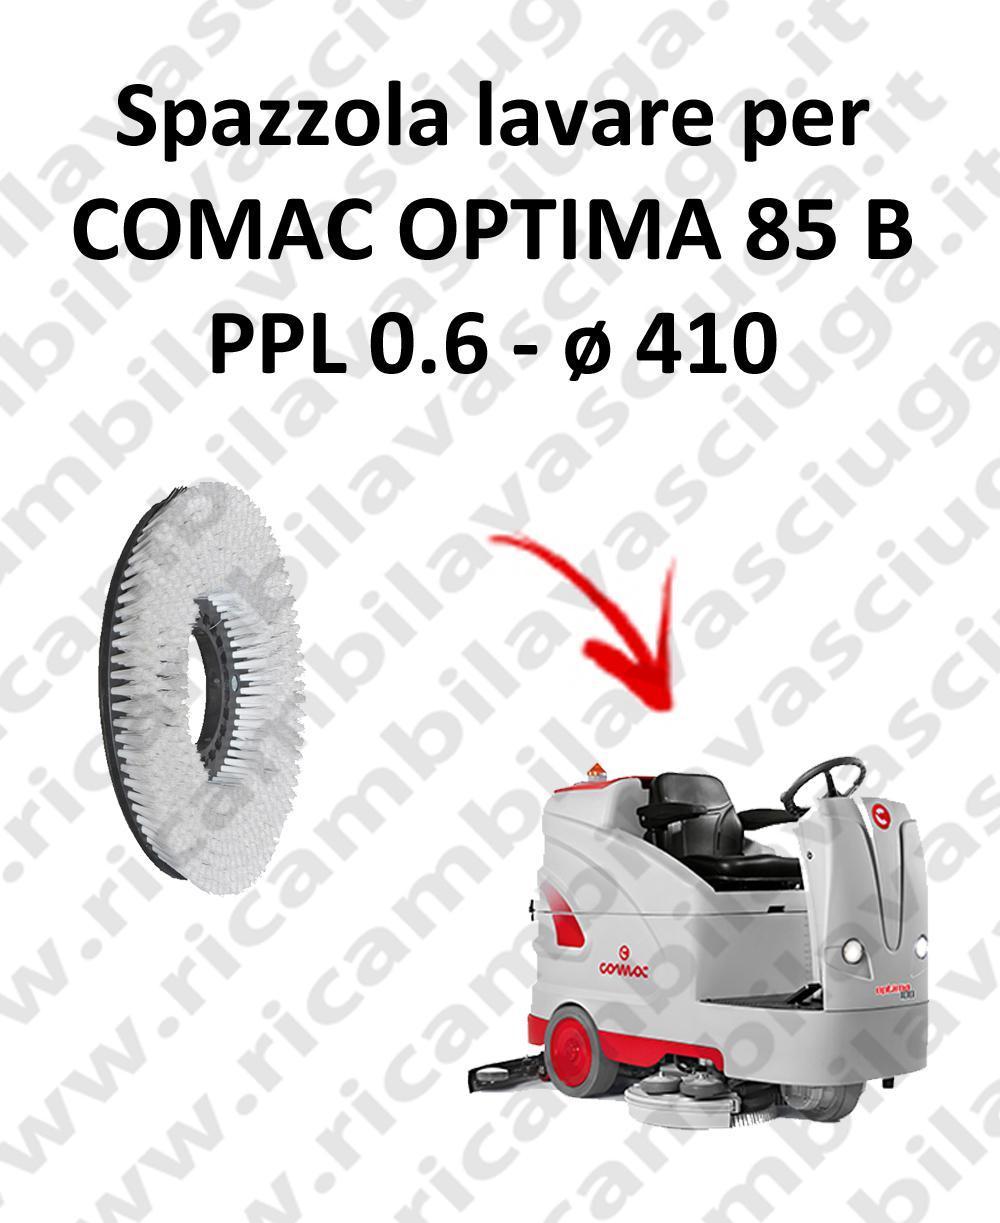 BROSSE A LAVER pour autolaveuses COMAC OPTIMA 85B Reference: PPL 0.6  diamétre 410